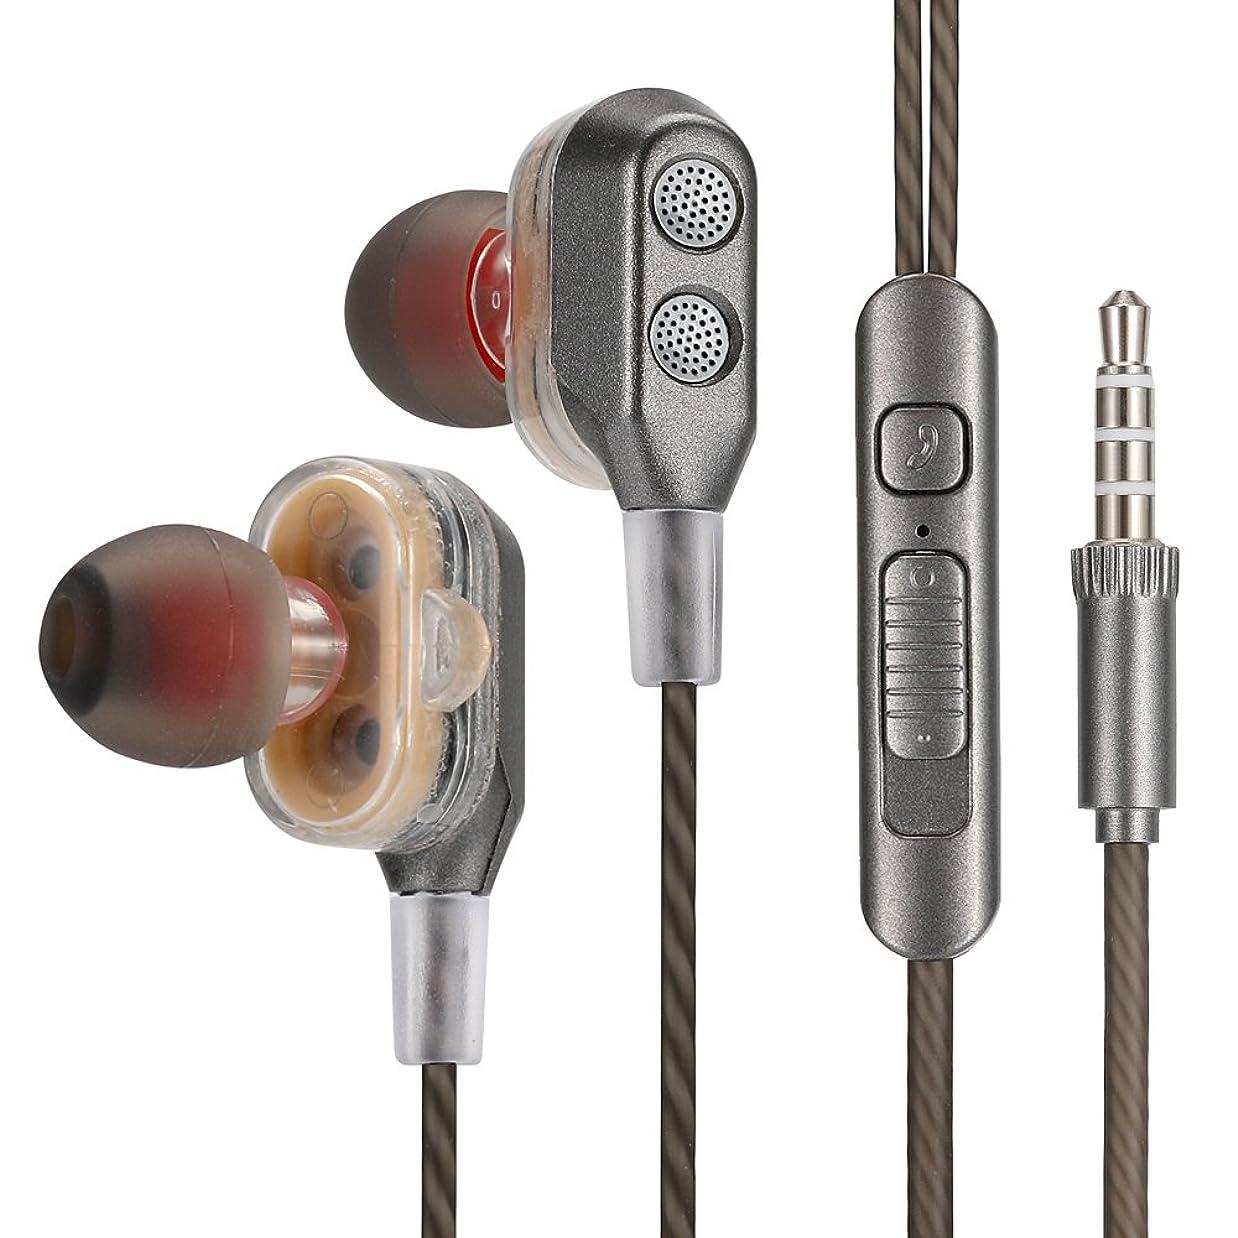 機転レギュラー自治ステレオ イヤホン 安い 高音質 重低音 通話可能 音量調整 ステレオイヤホン ハンズフリー iphone 1.2m iPod iPad iPhone Android設備対応 (グレー)